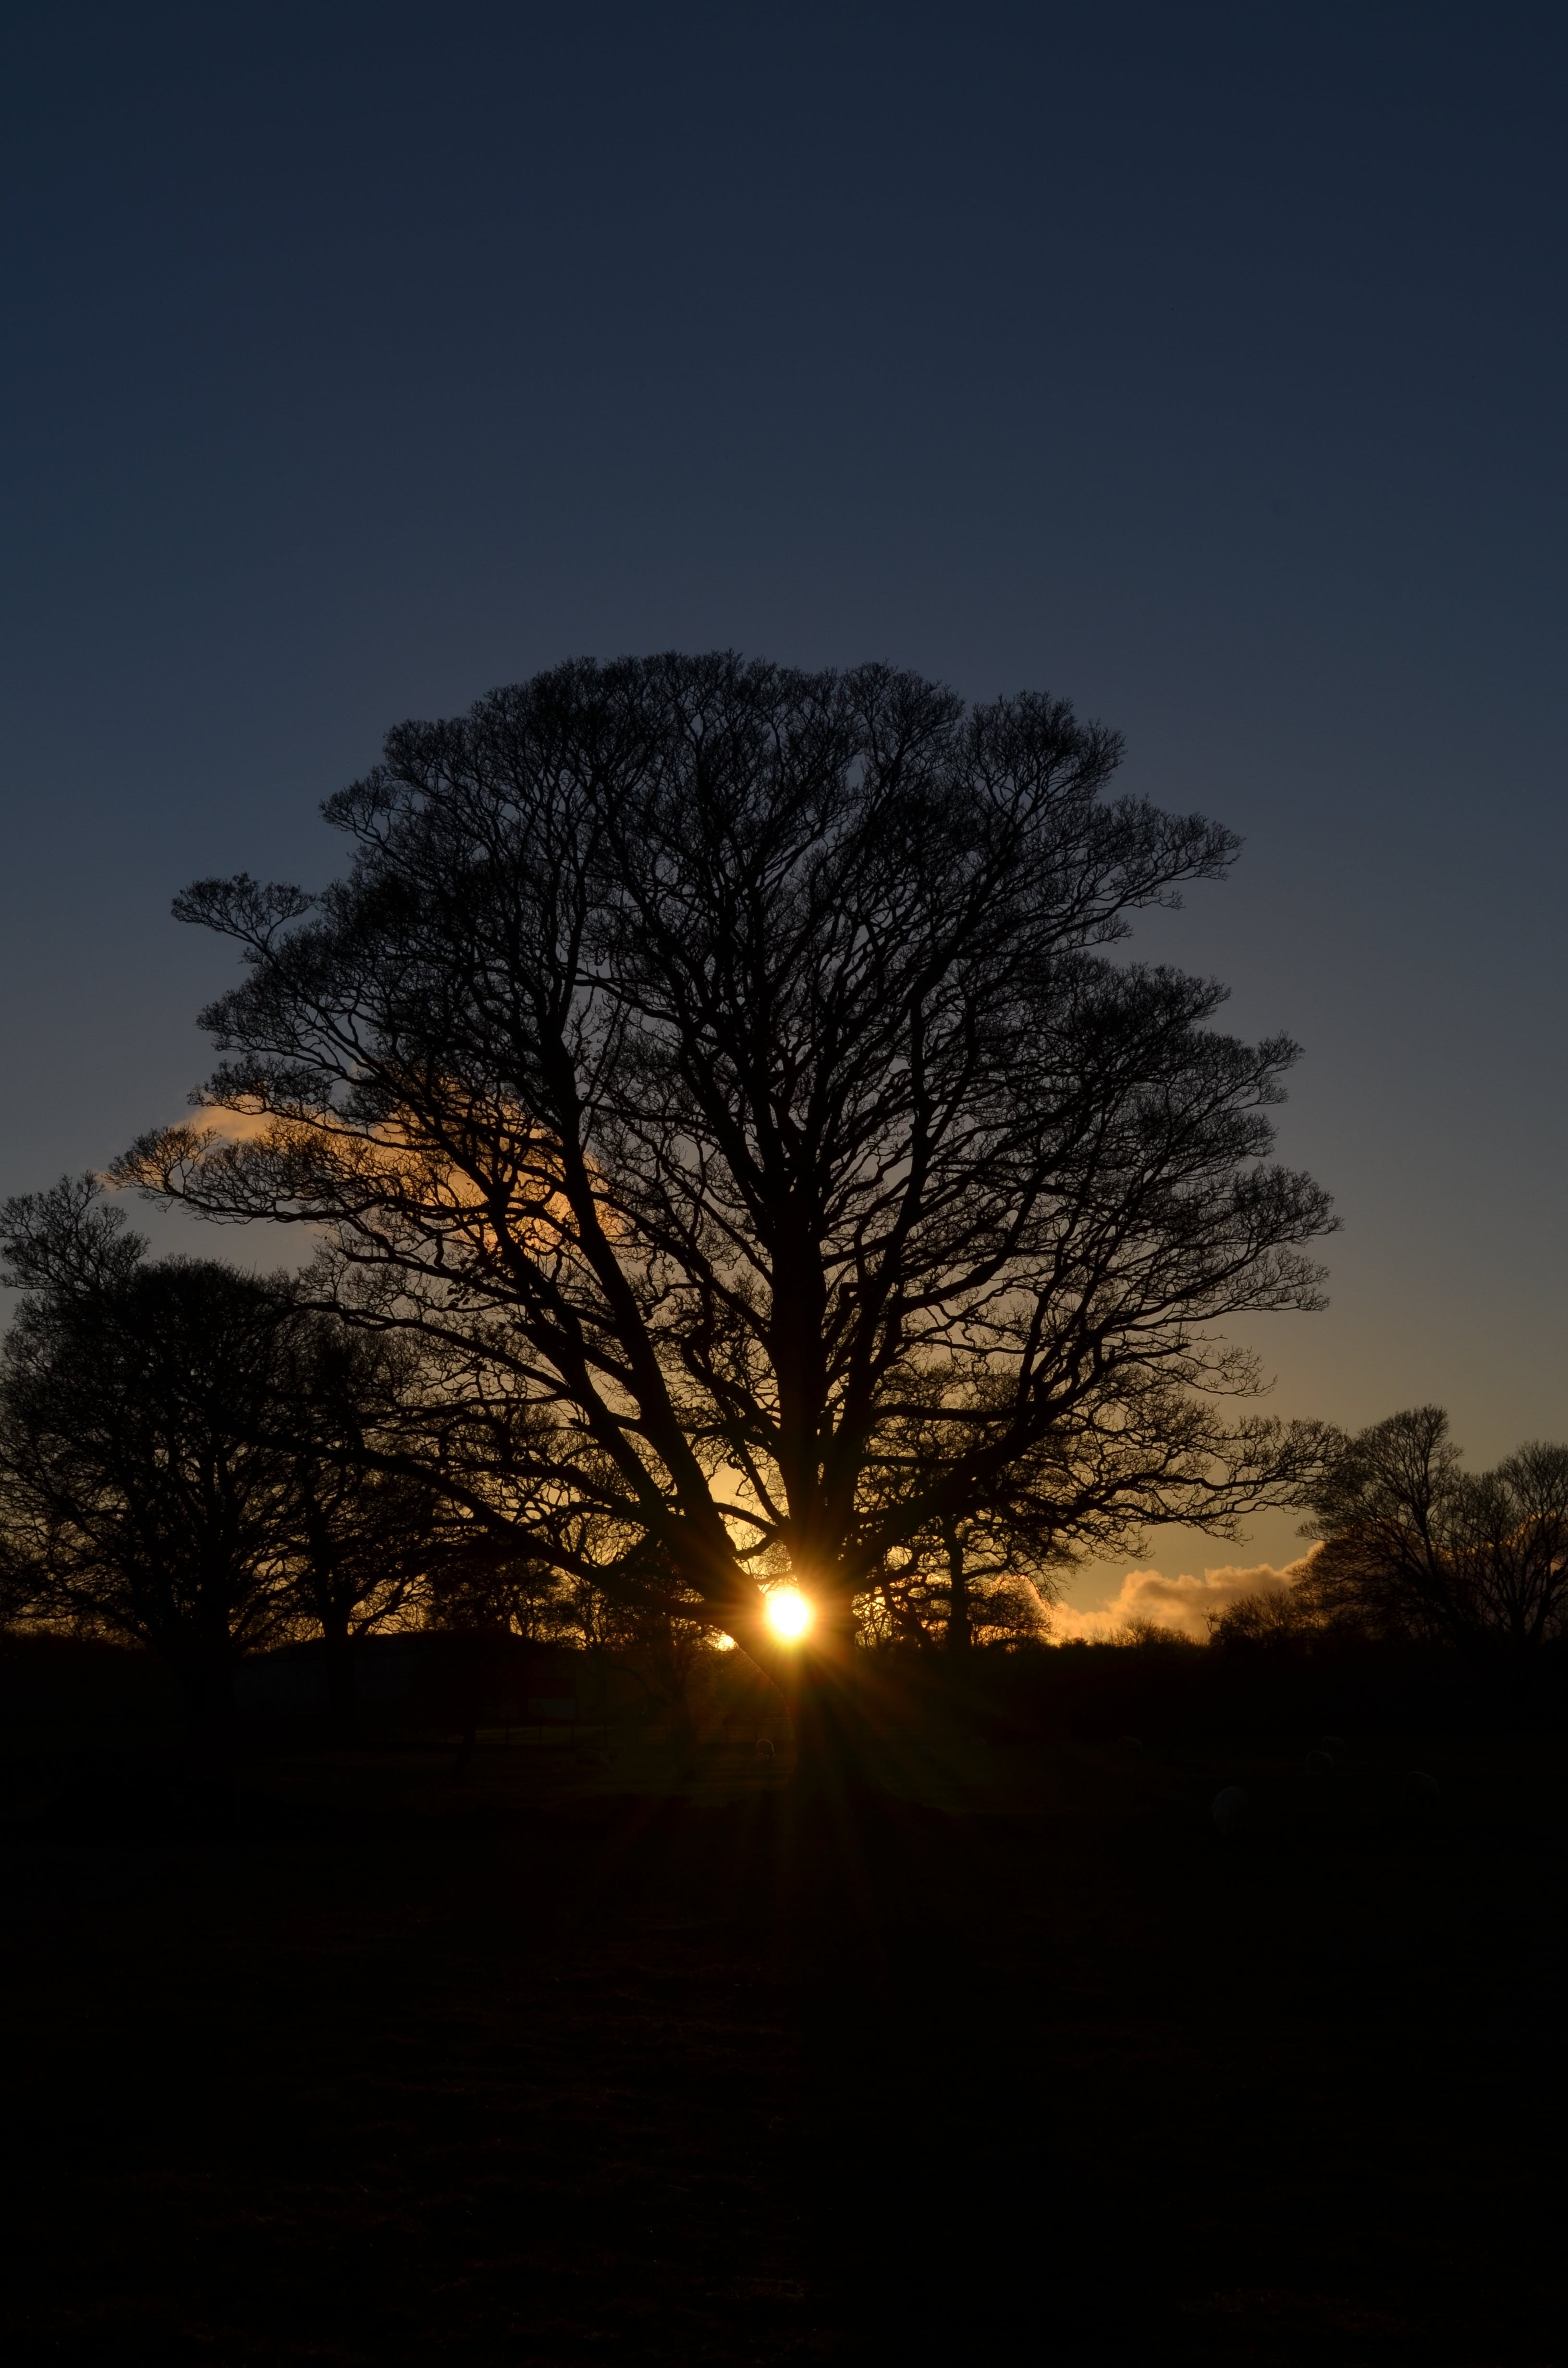 Бесплатное стоковое фото с бесплатные обои, восход, деревья, закат